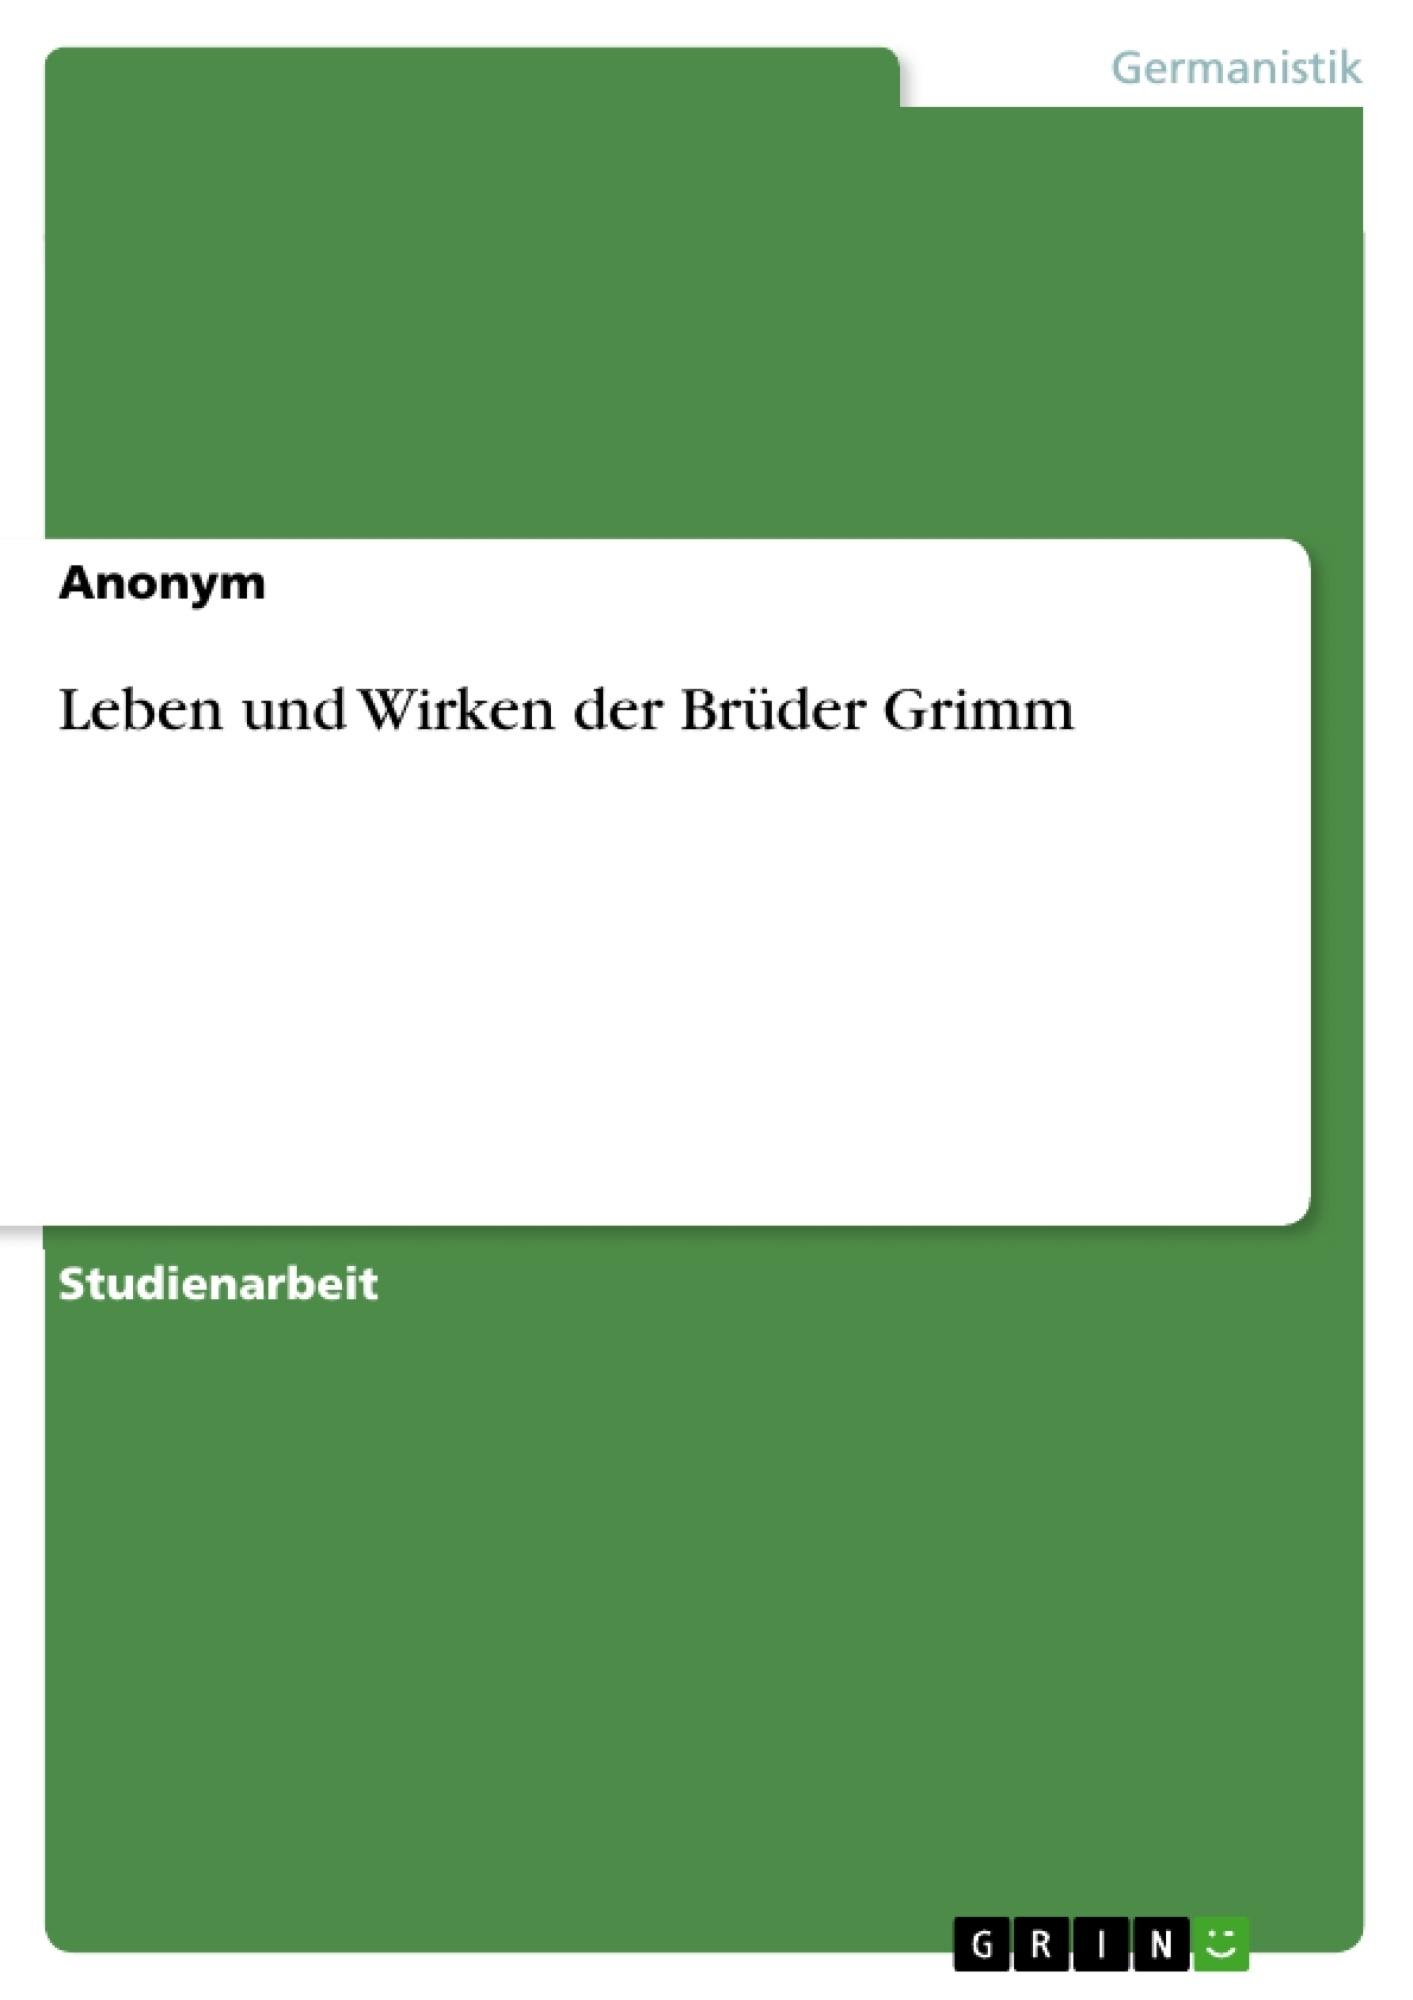 Grin Leben Und Wirken Der Brüder Grimm